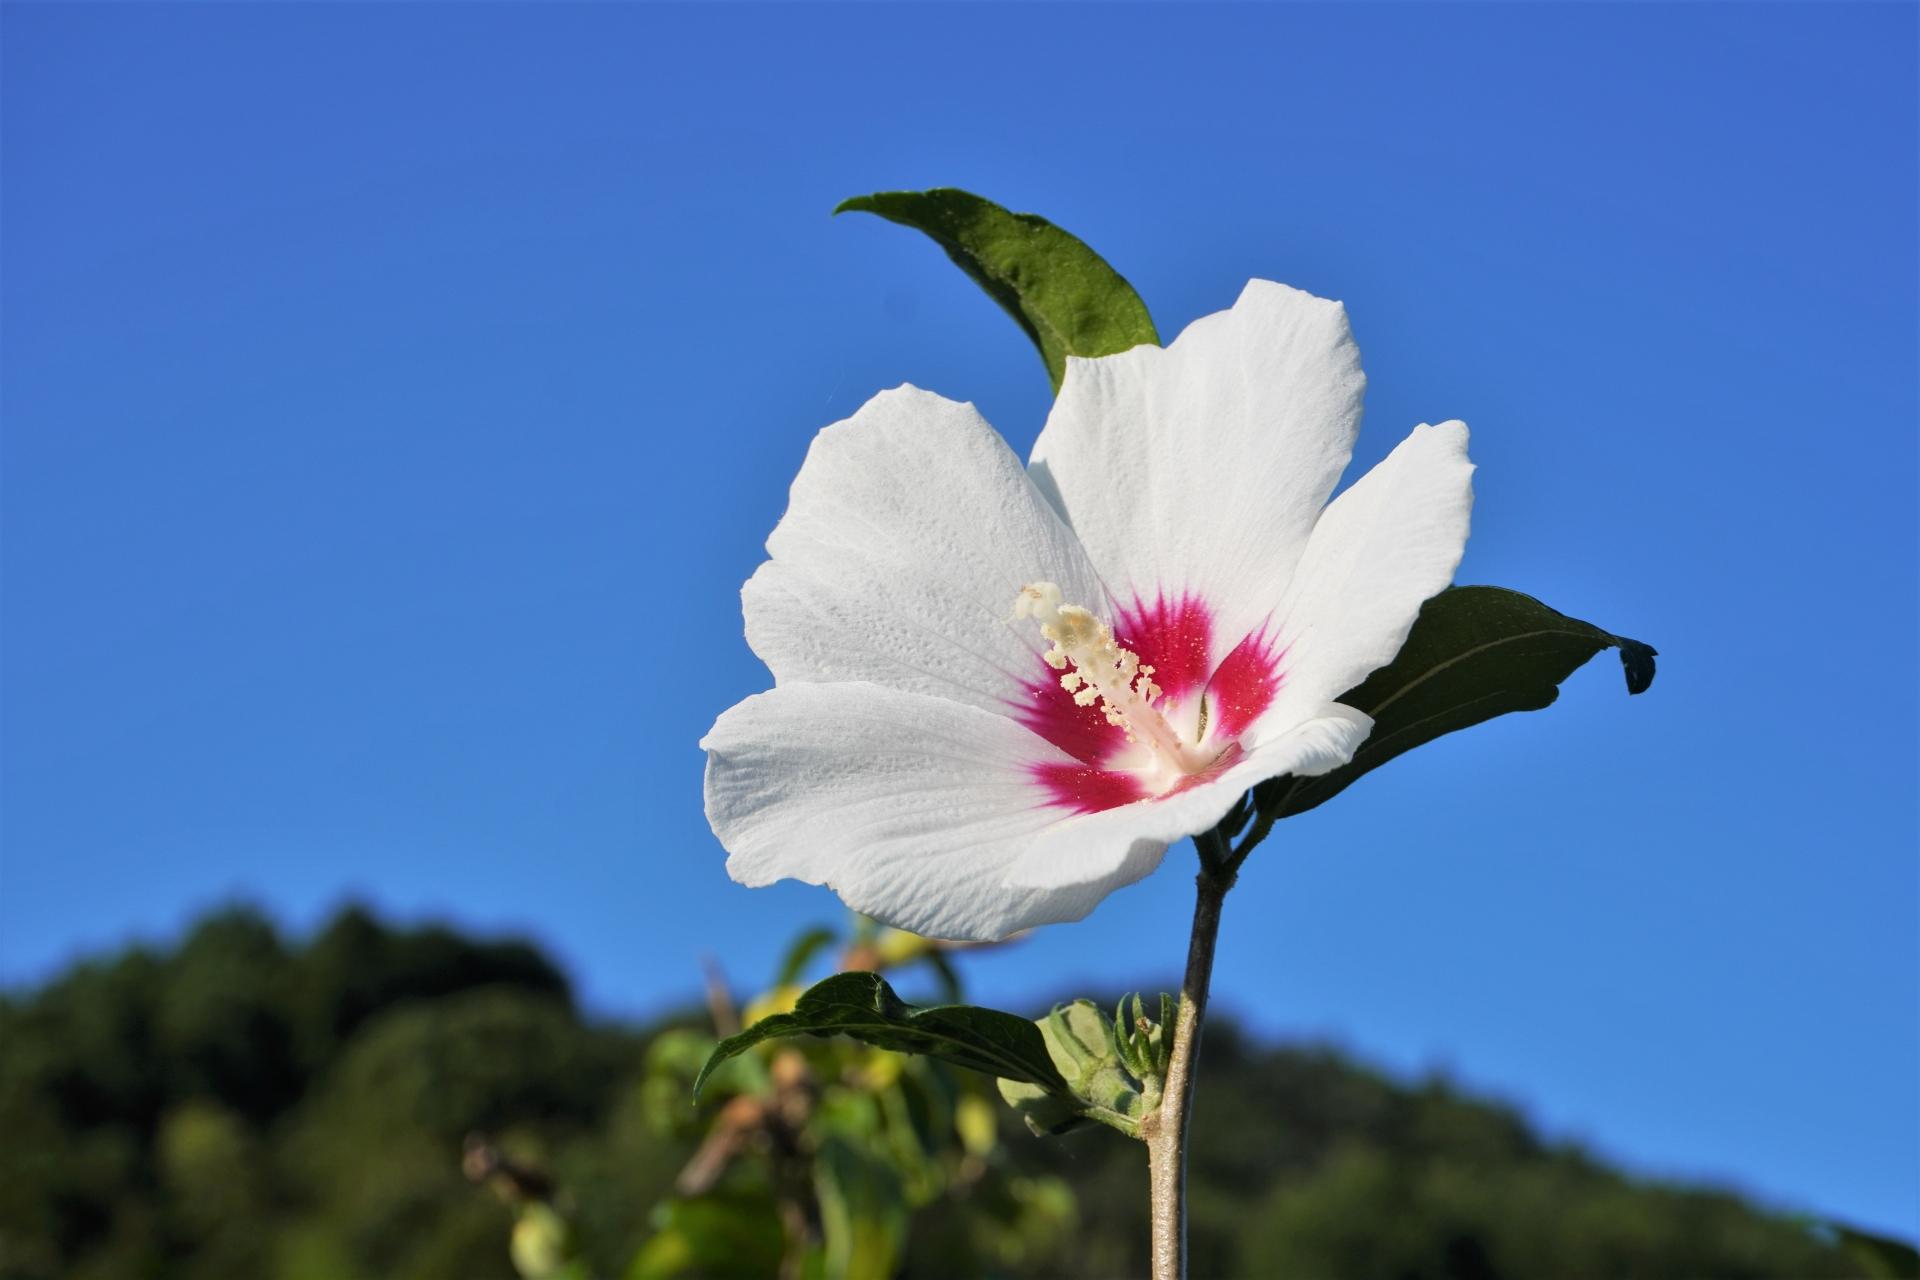 夏から秋にかけて咲く花 槿(むくげ)